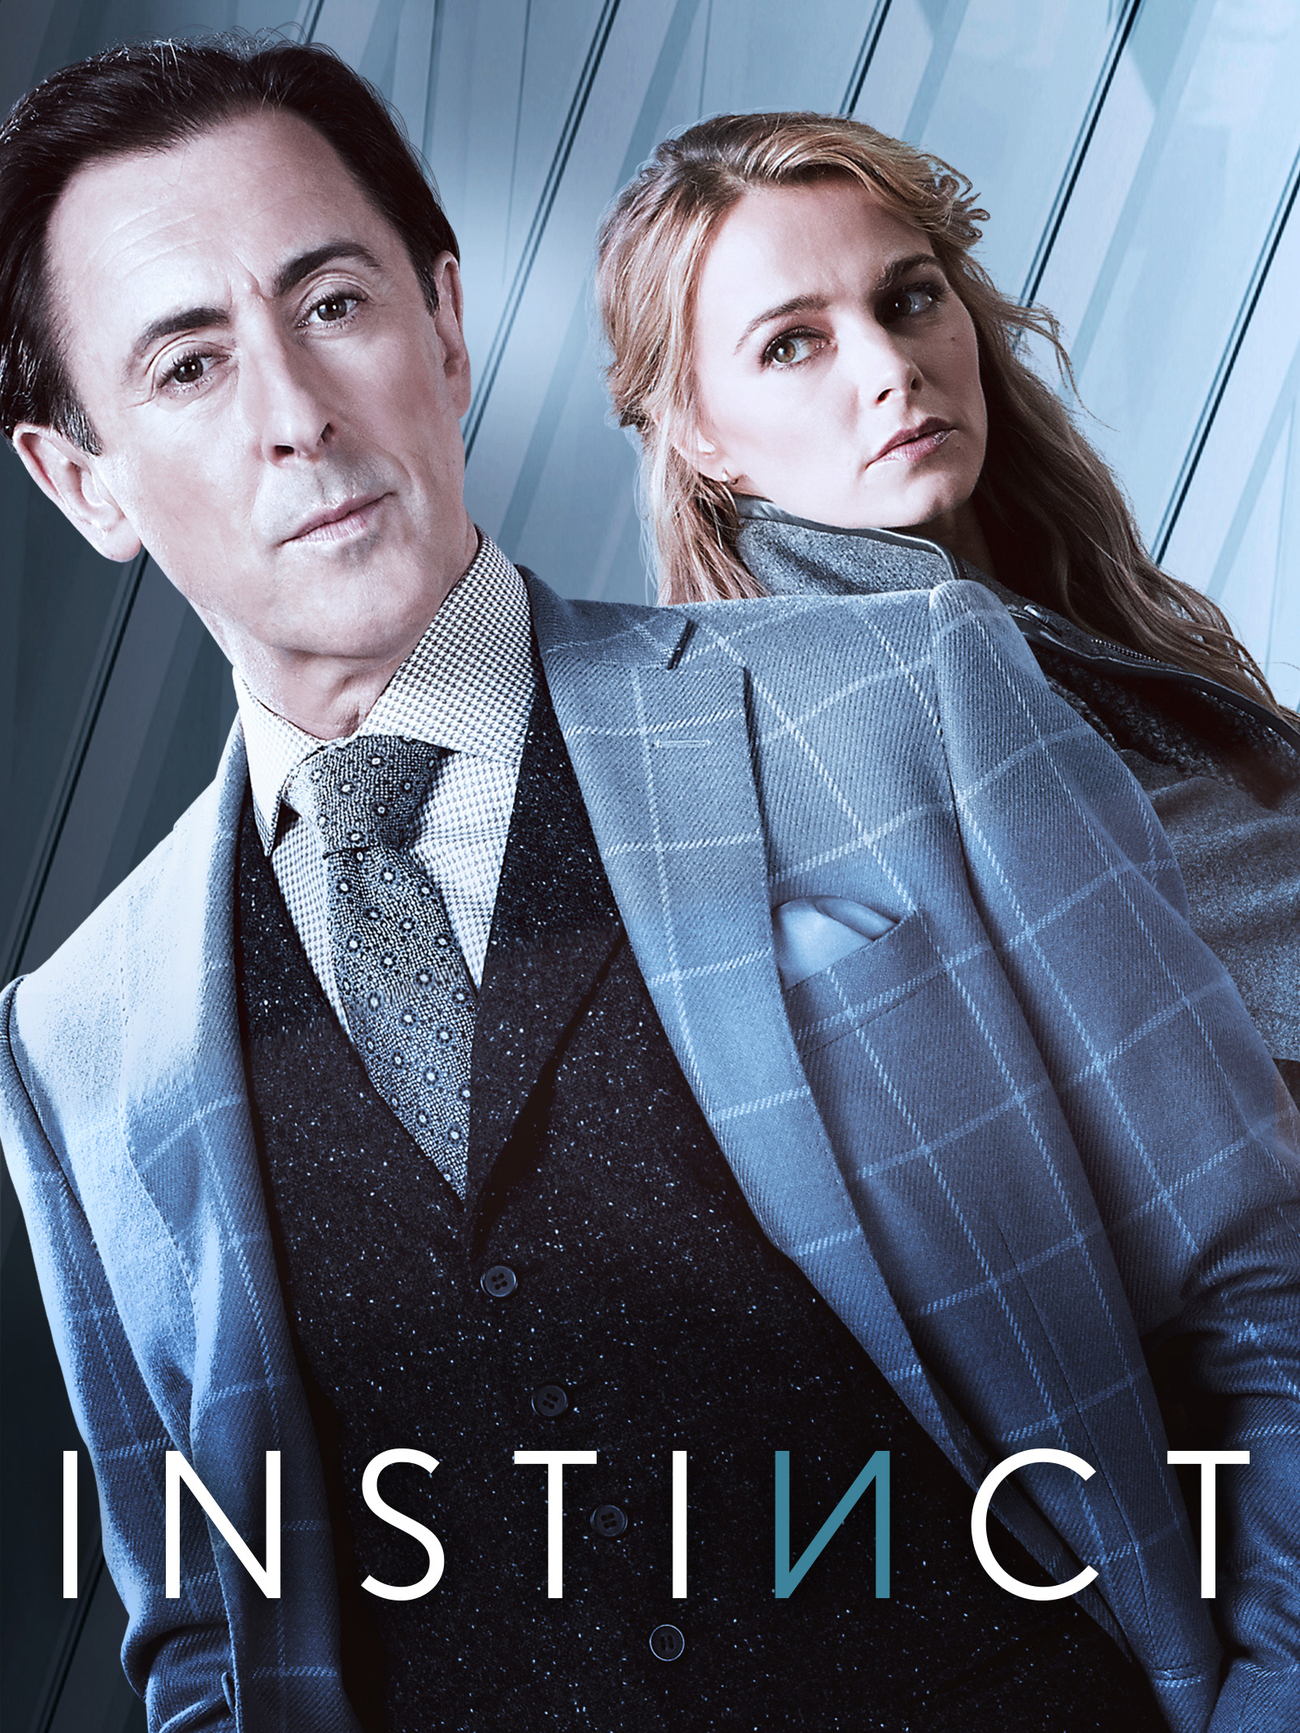 دانلود زیرنویس فارسی سریال Instinct